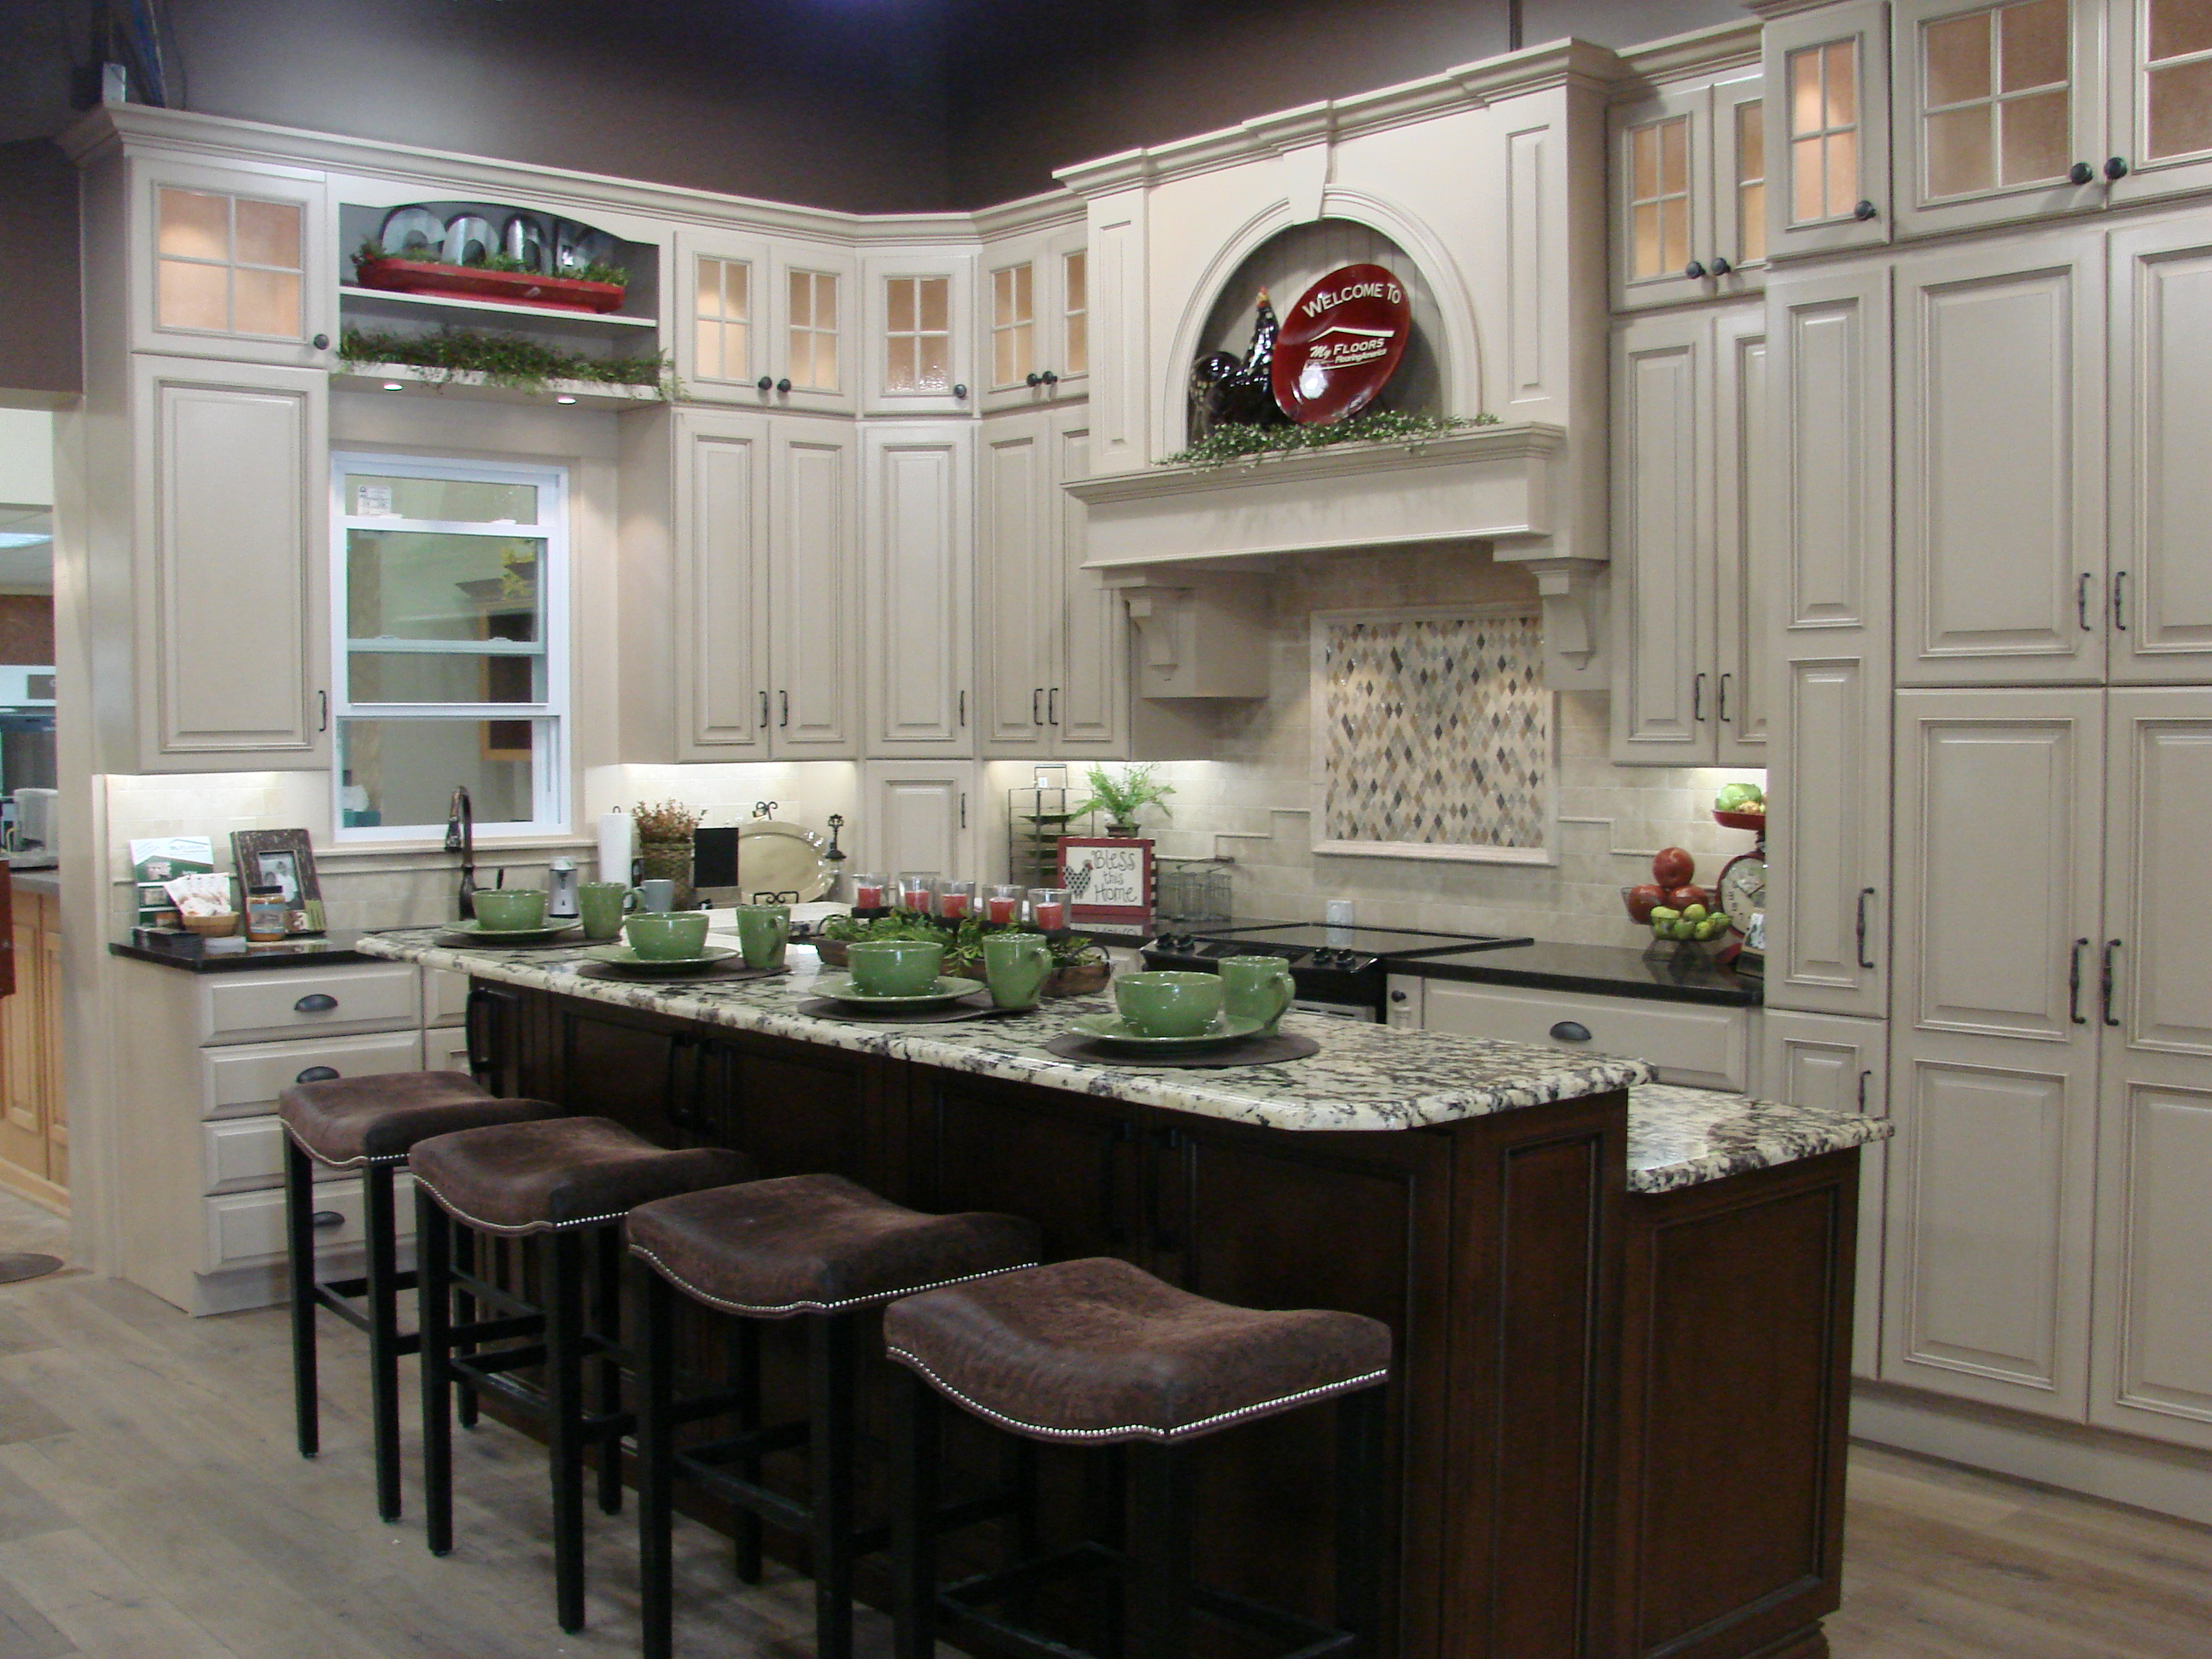 kitchen remodeling kitchen remodeling companies Kitchen Remodeling Contractor Starts with Design